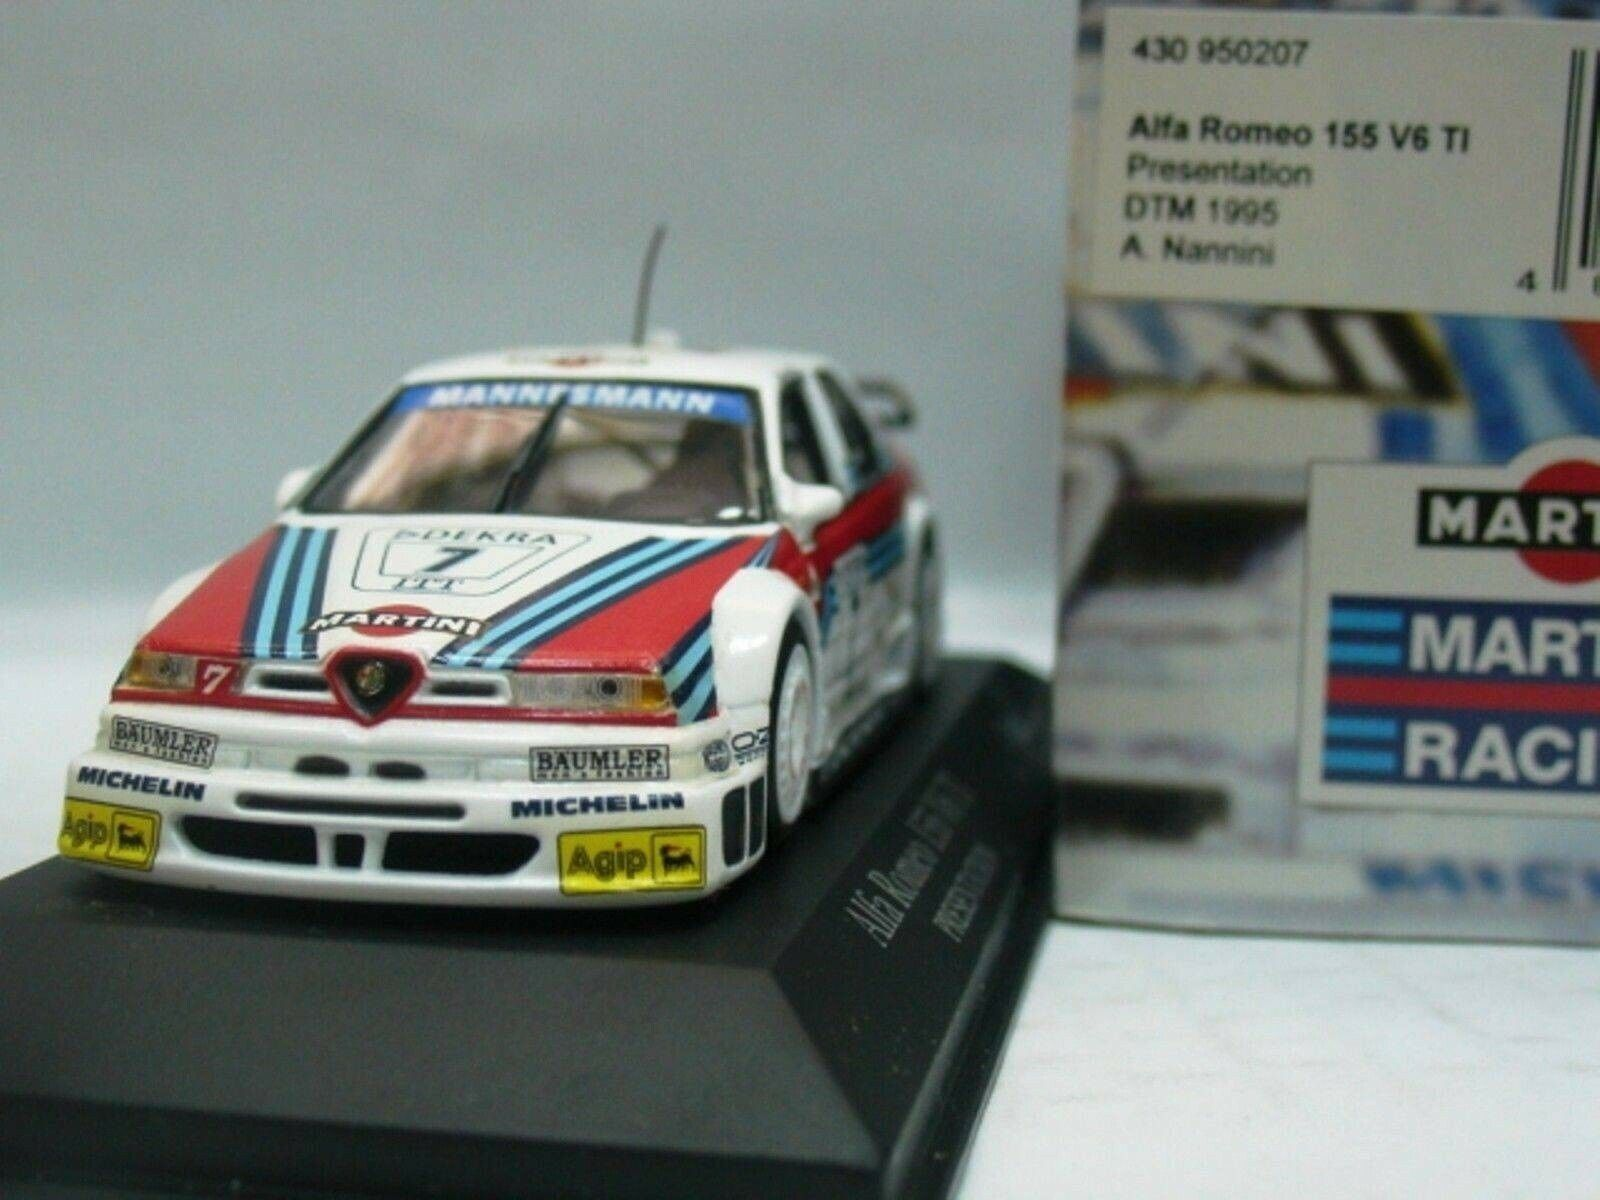 Wow extremadonnate raro de Alfa Romeo 155 V6 DTM 1995 Nannini presen 1 43 Minichamps